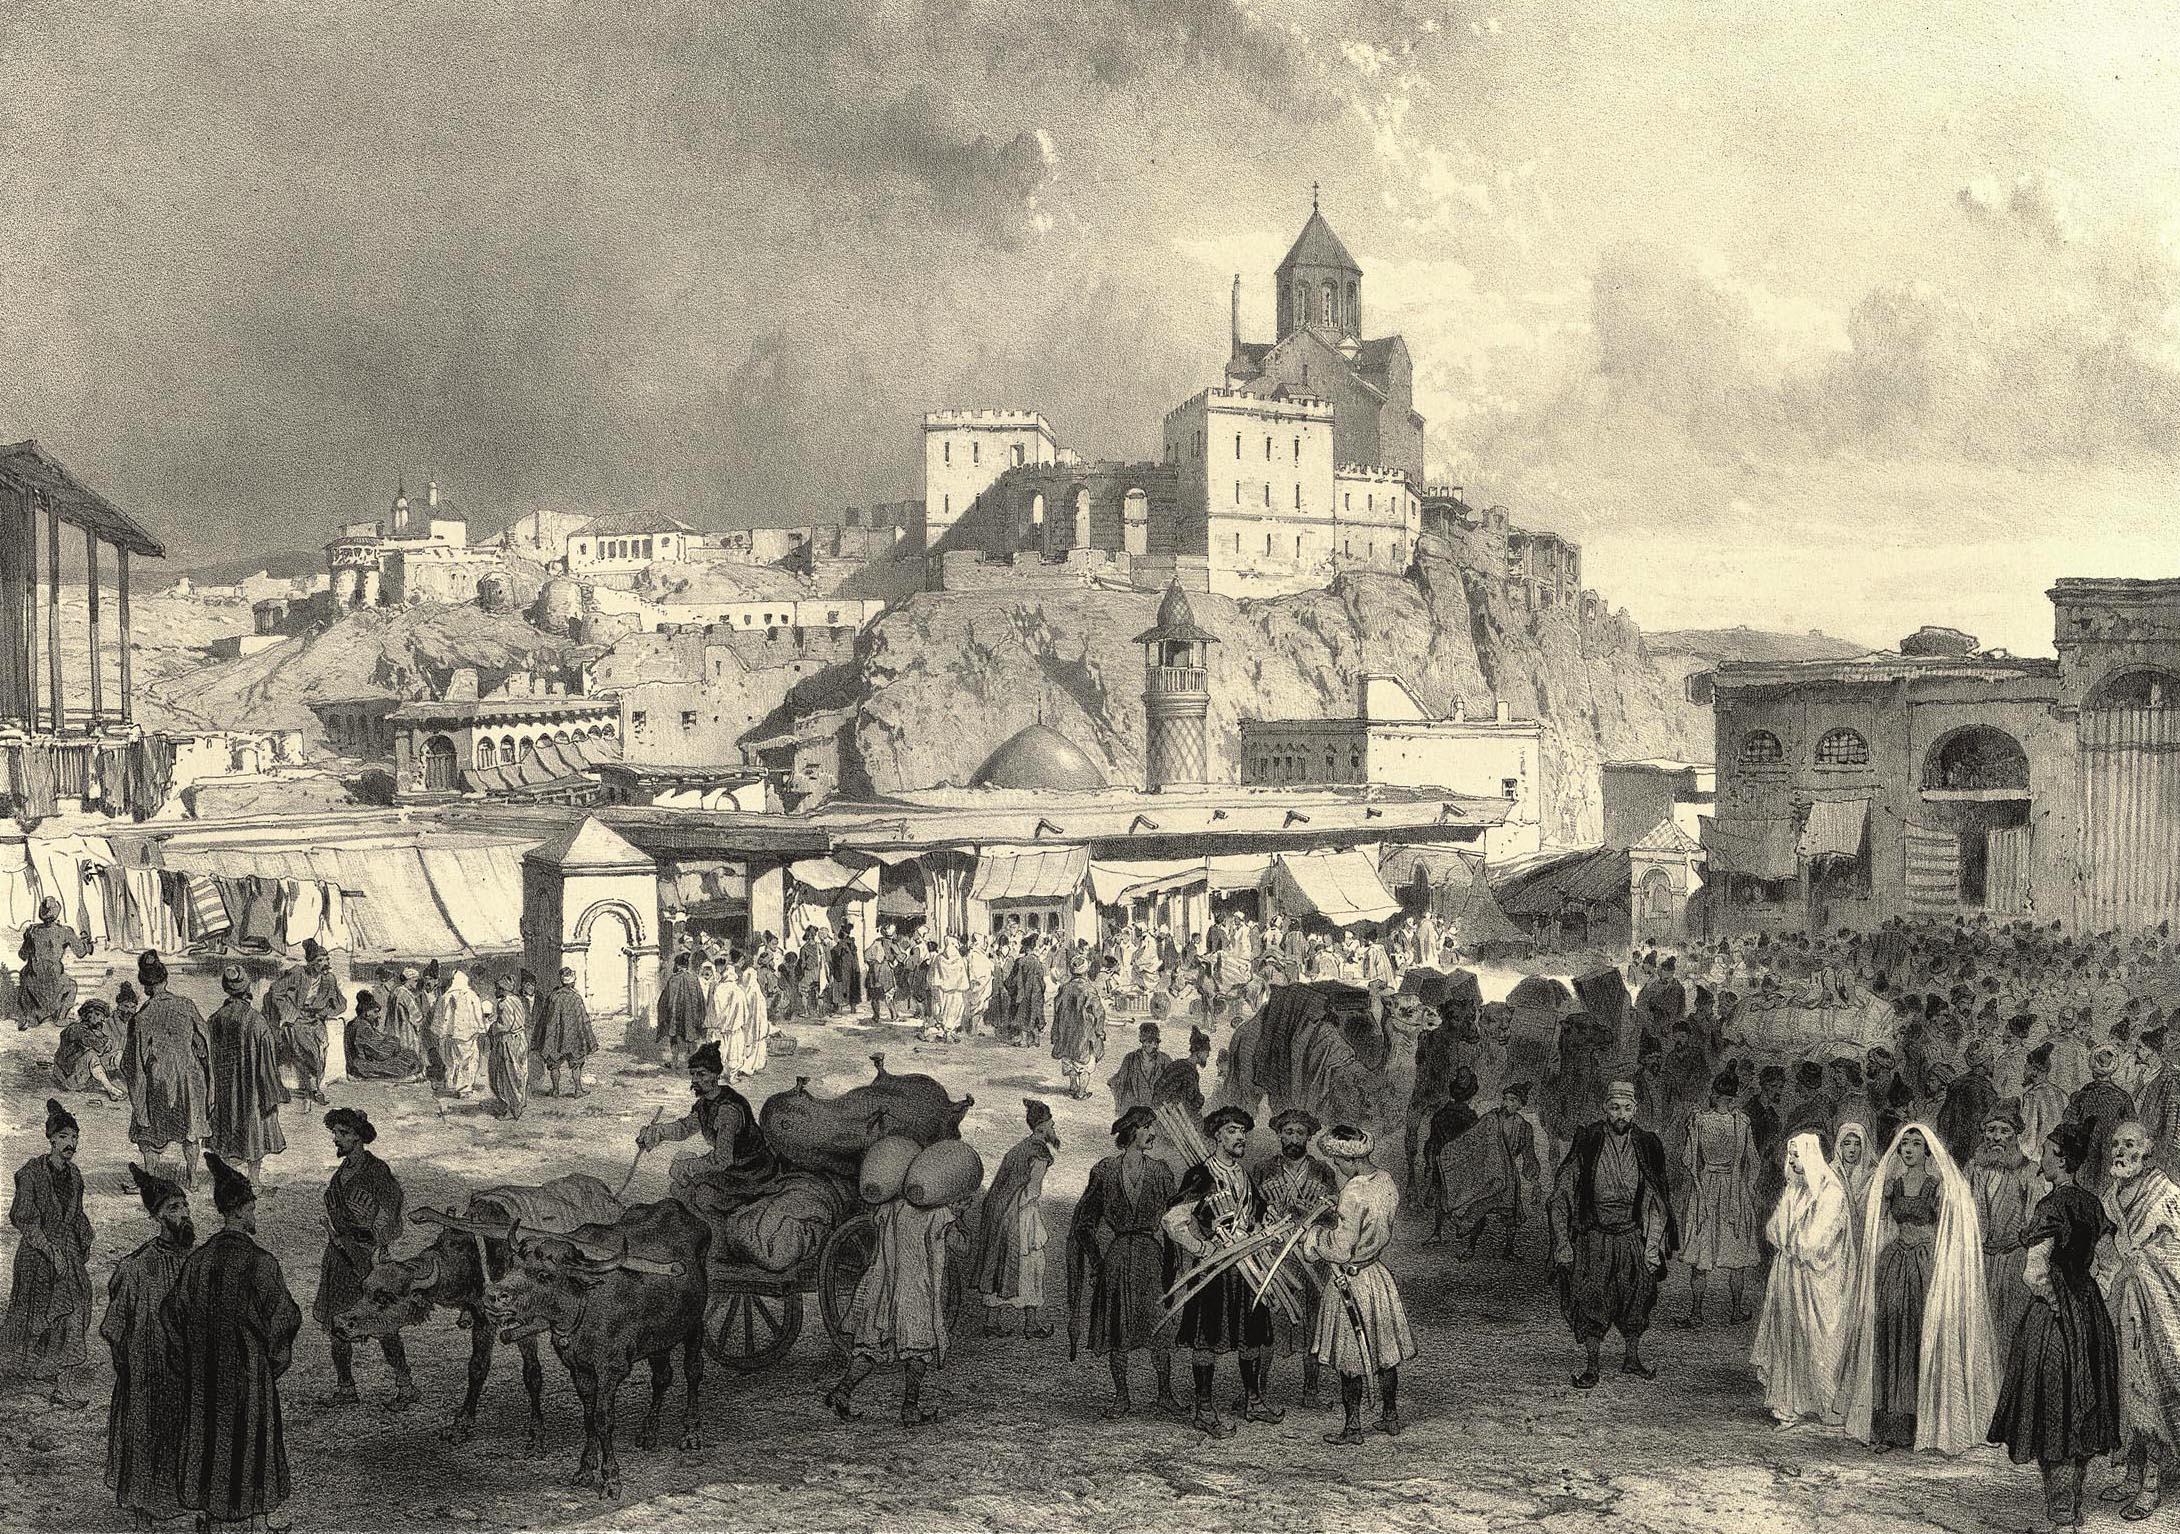 25. Georgie. Maidan, place du Bazar, a Tiflis / Грузия. Майдан, базарная площадь в Тифлисе